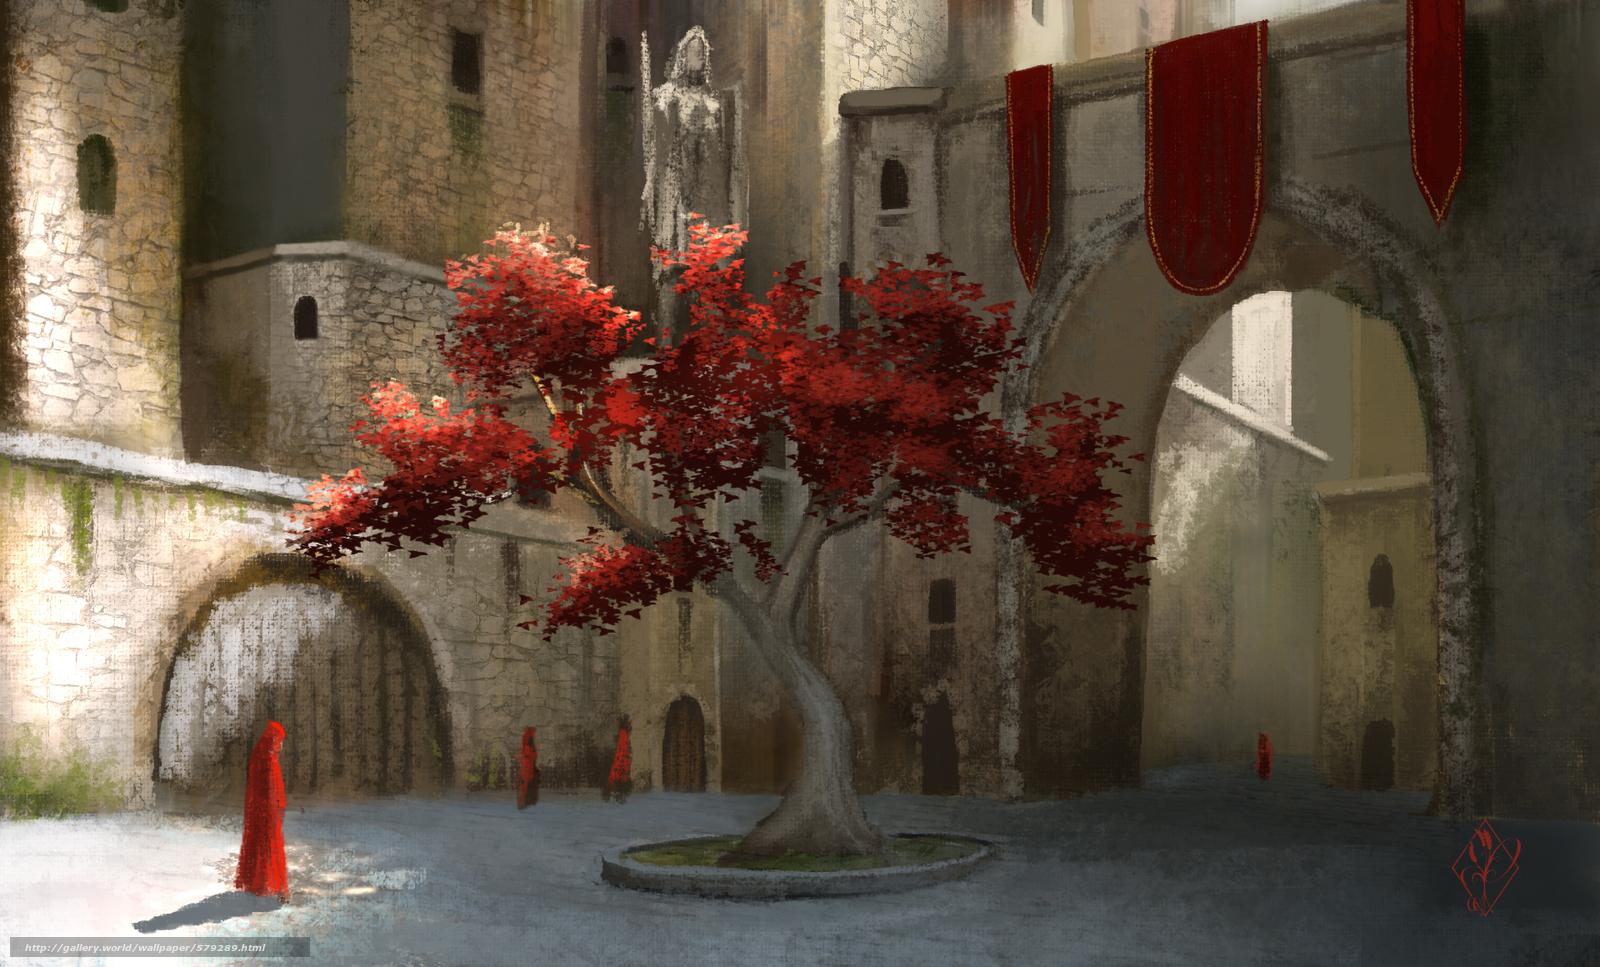 Скачать обои арка,  листва,  двор,  дерево бесплатно для рабочего стола в разрешении 1920x1160 — картинка №579289